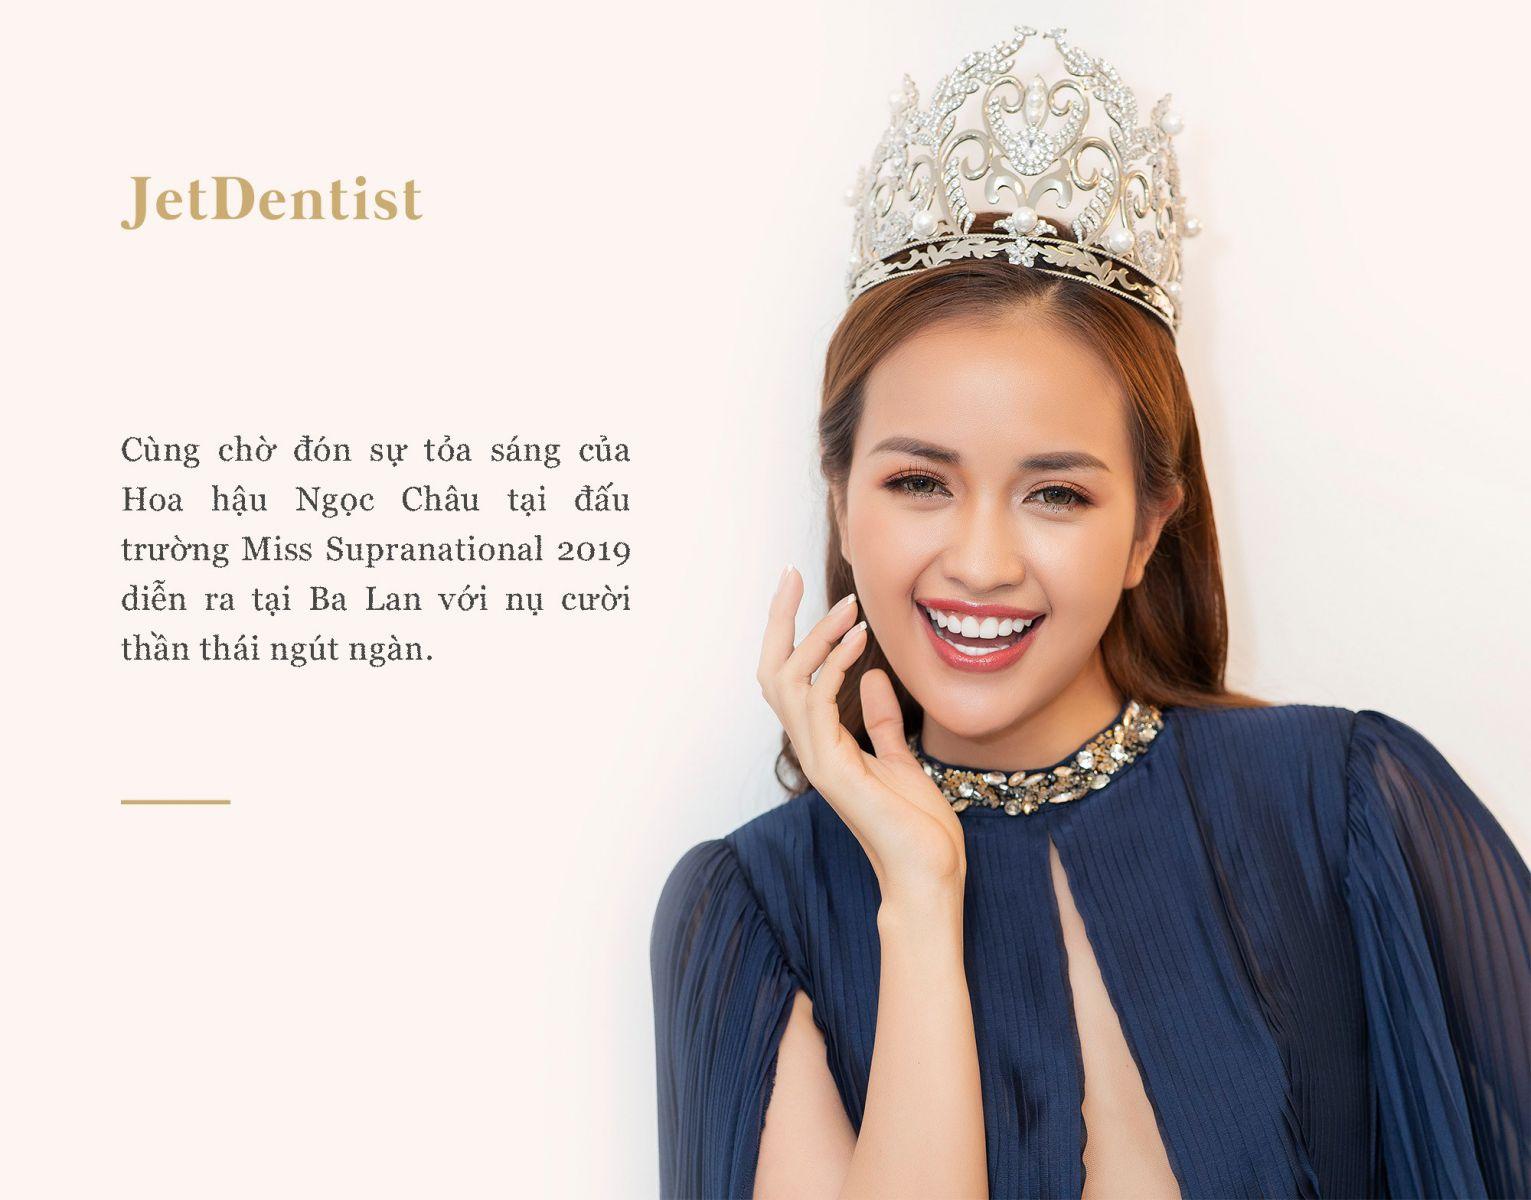 Hoa hậu Ngọc Châu - Nụ cười tươi sáng là hành trang vững chắc cho lần chinh chiến tại Miss Supranational 2019